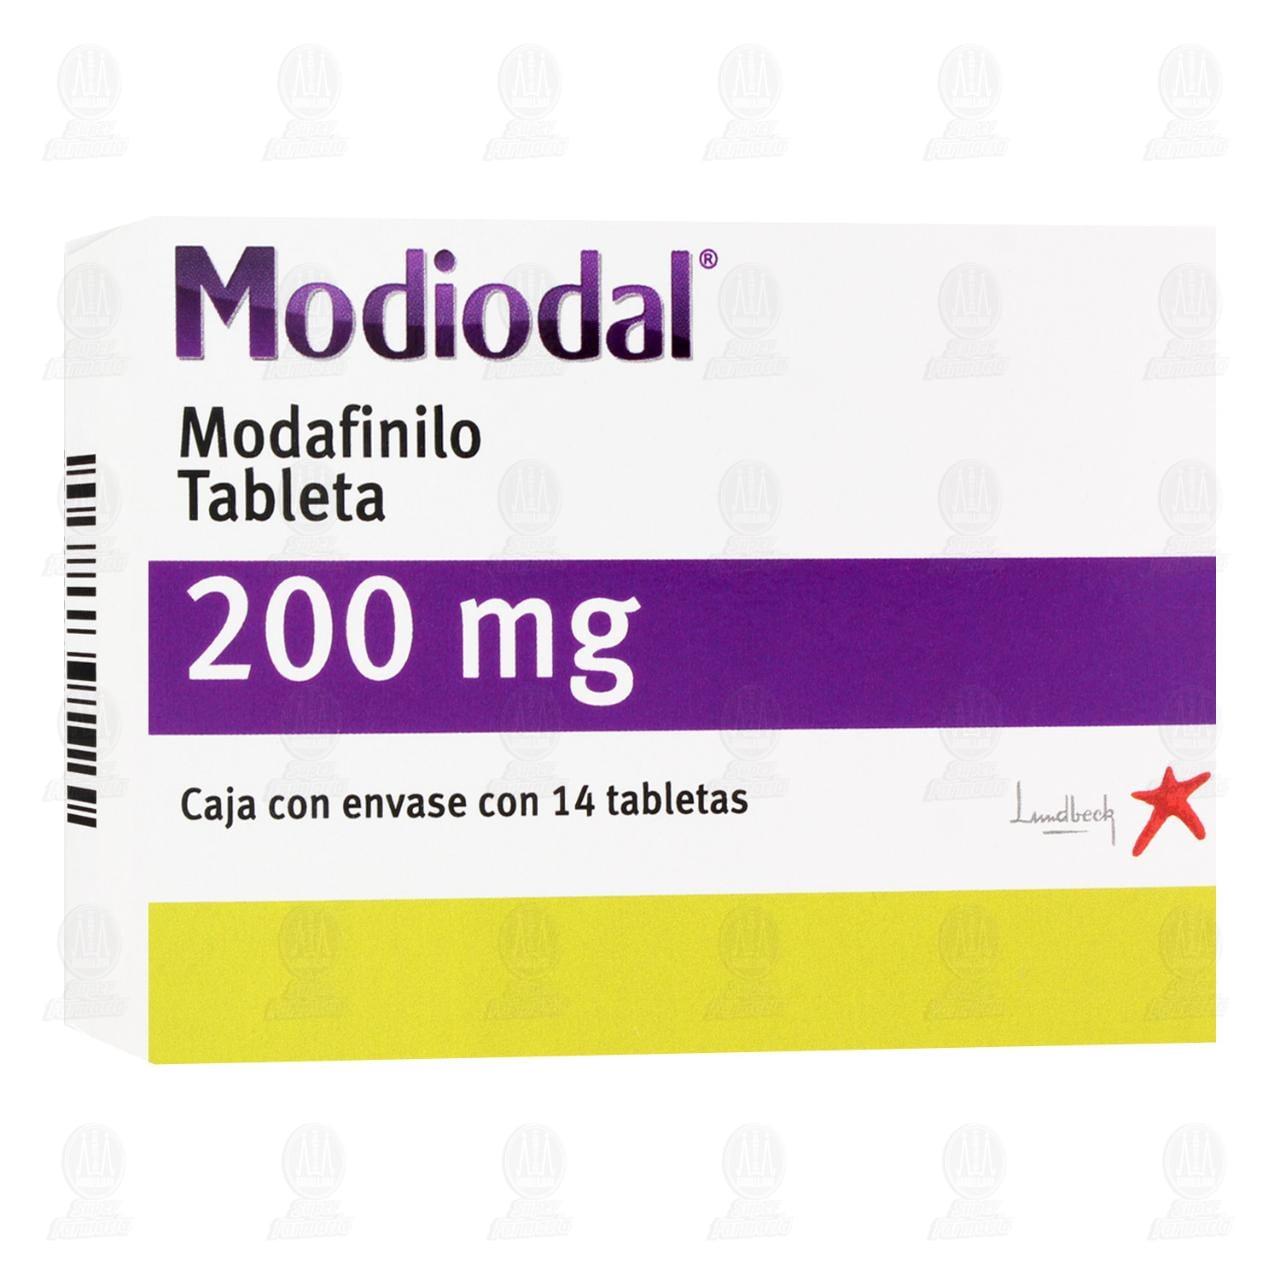 Comprar Modiodal 200mg 14 Tabletas en Farmacias Guadalajara